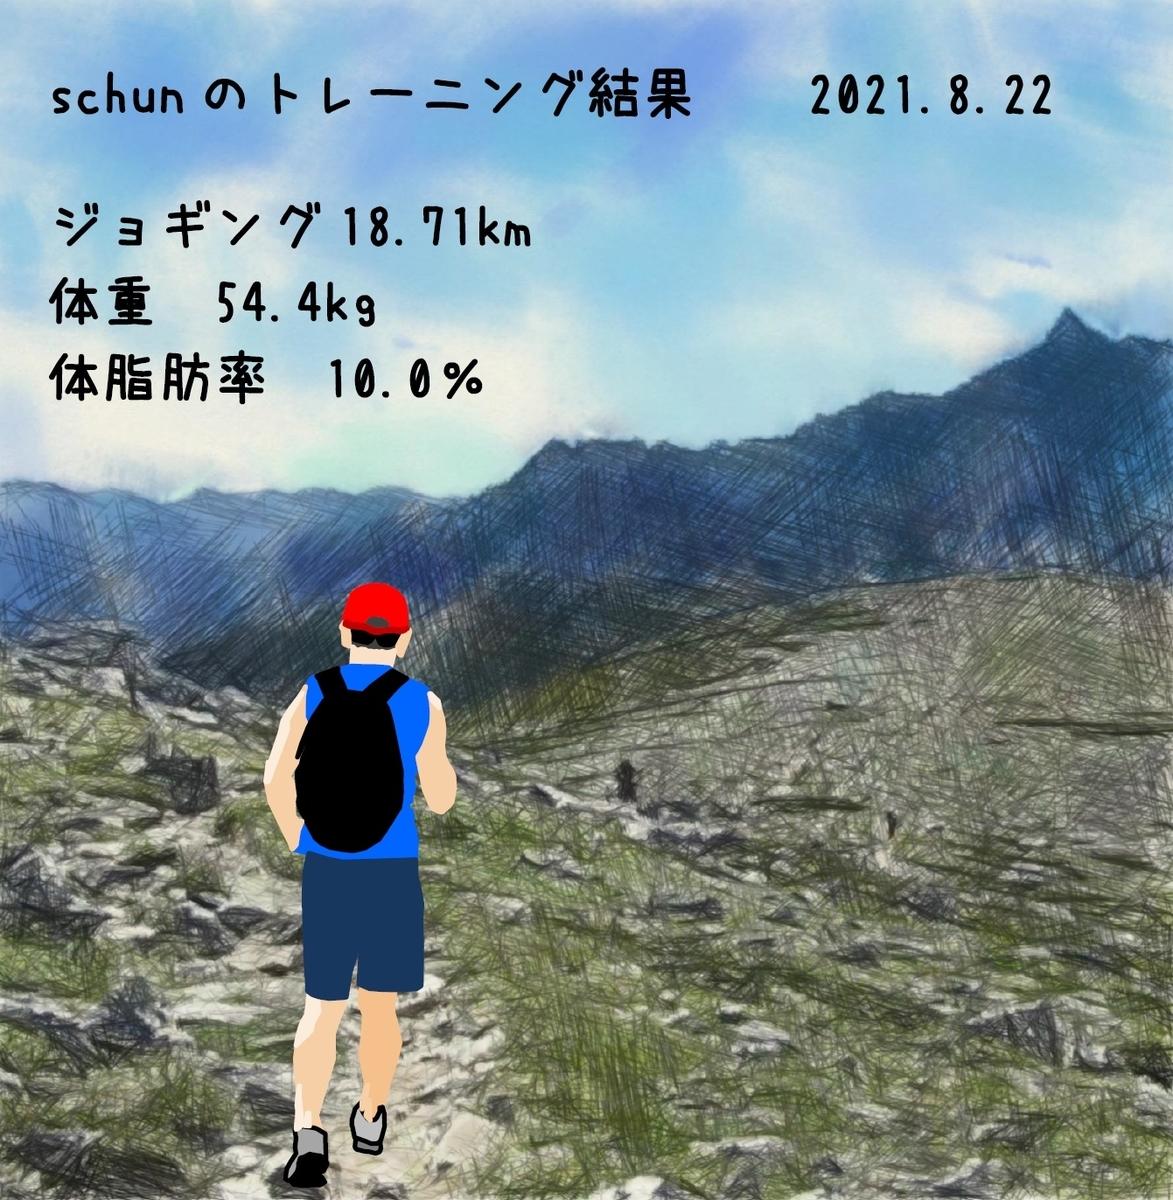 f:id:schunchi2007:20210822202618j:plain